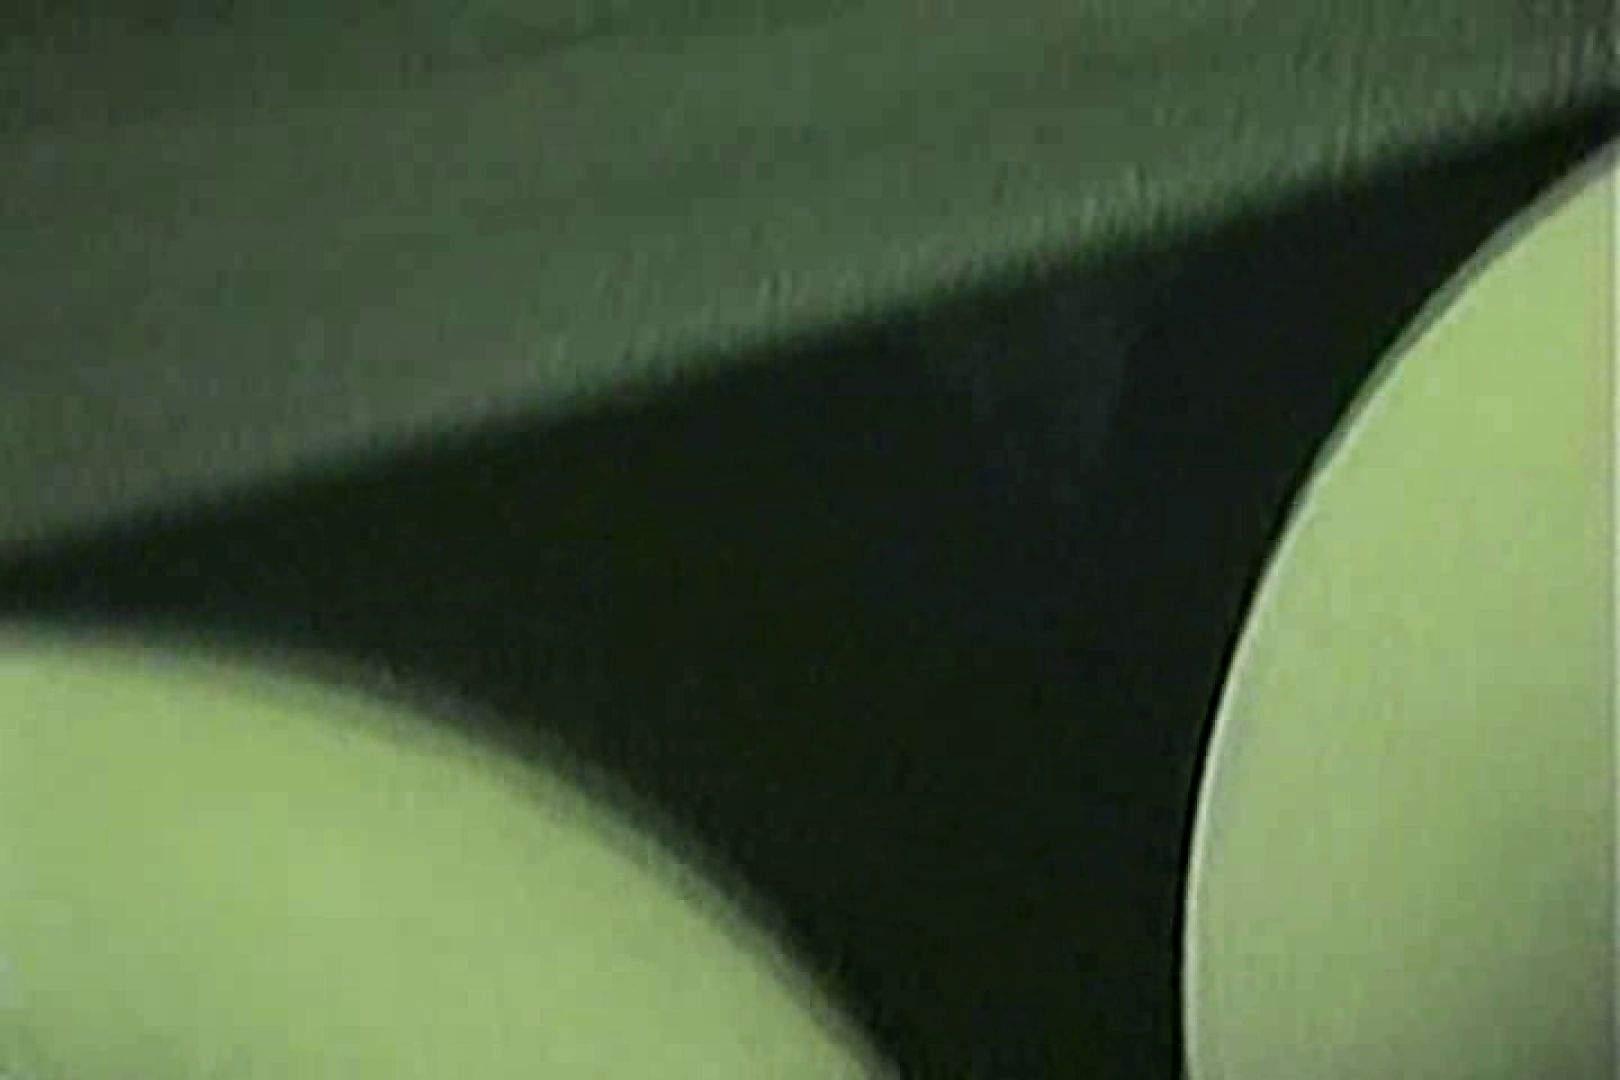 電車で発見!!デルタゾーンVol.3 盗撮特集 | 車の中のカップル  99画像 43